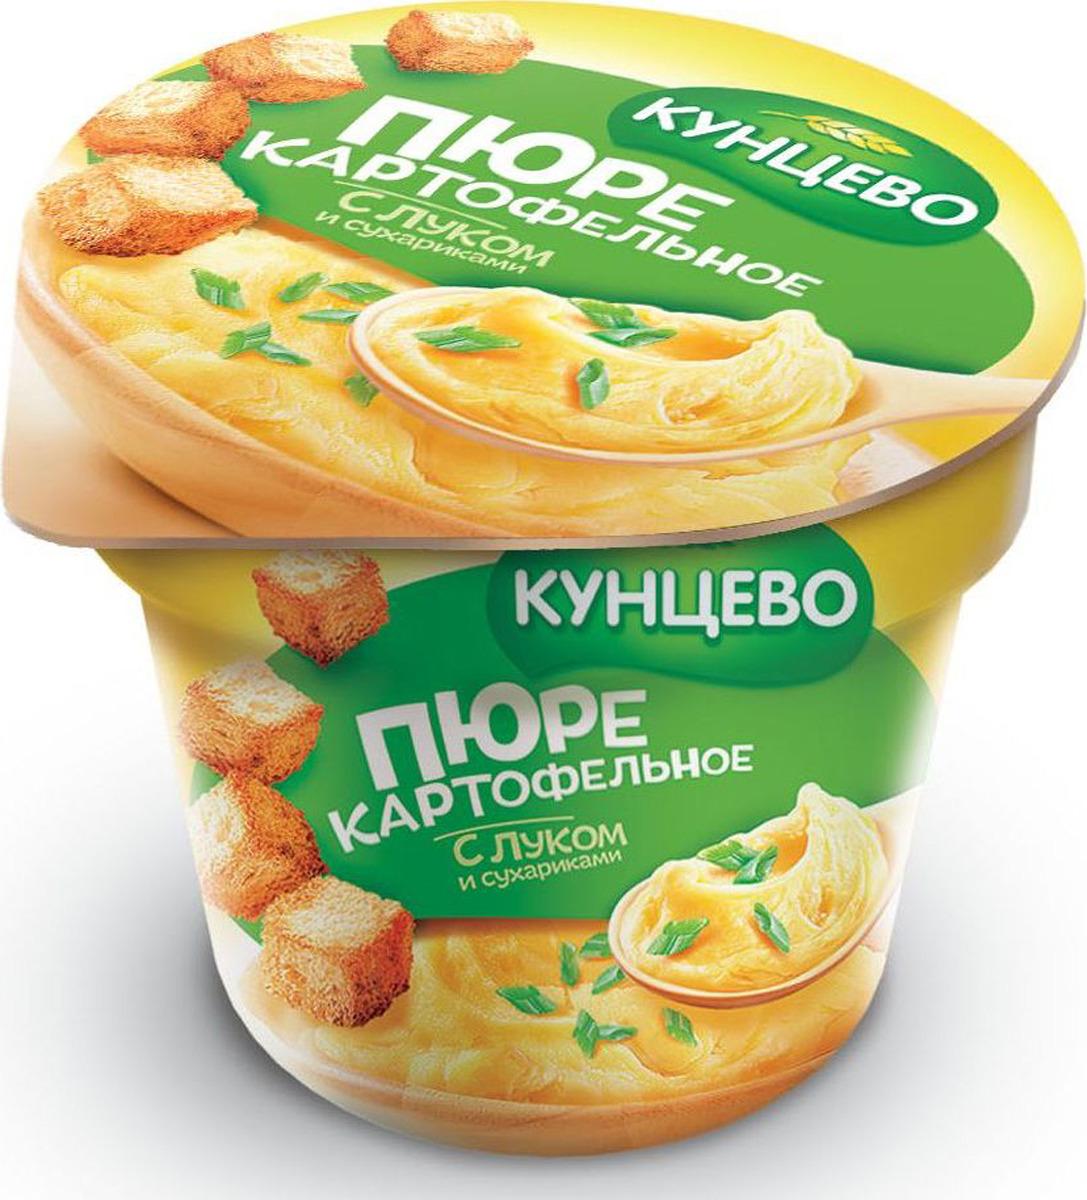 Пюре быстрого приготовления Кунцево, с луком и сухариками, стакан, 40 г пюре podravka картофельное